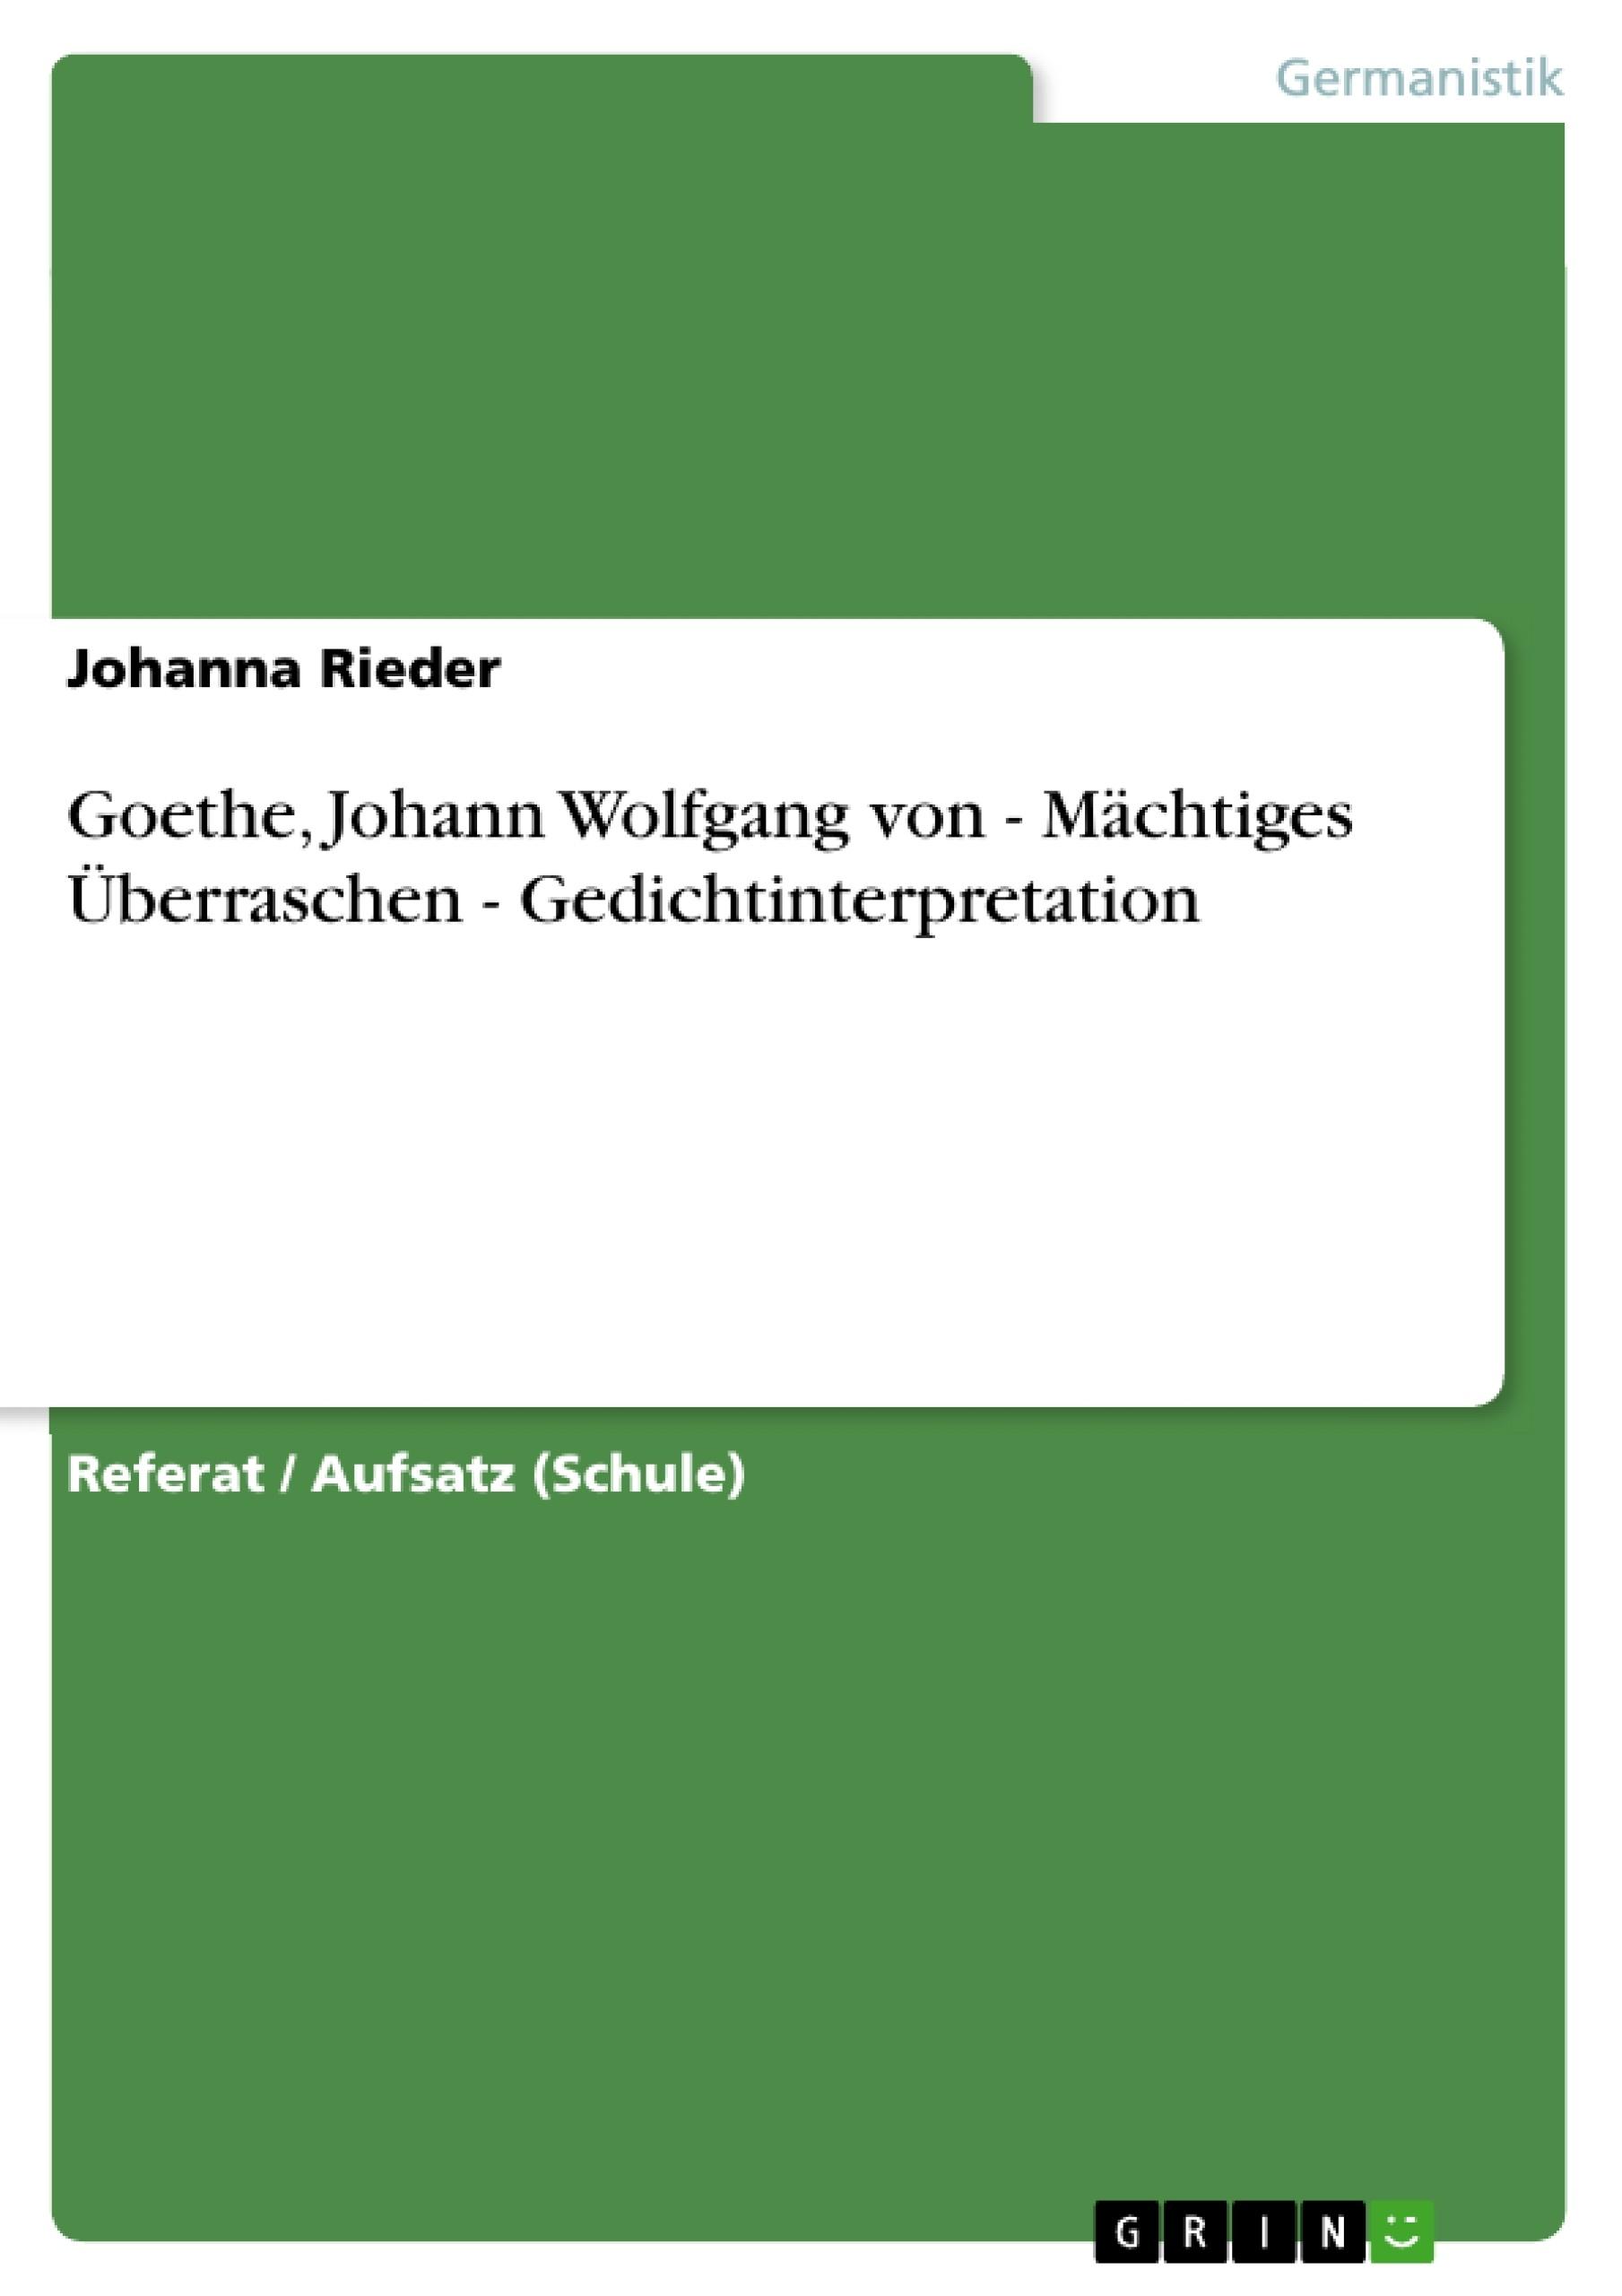 Titel: Goethe, Johann Wolfgang von - Mächtiges Überraschen - Gedichtinterpretation